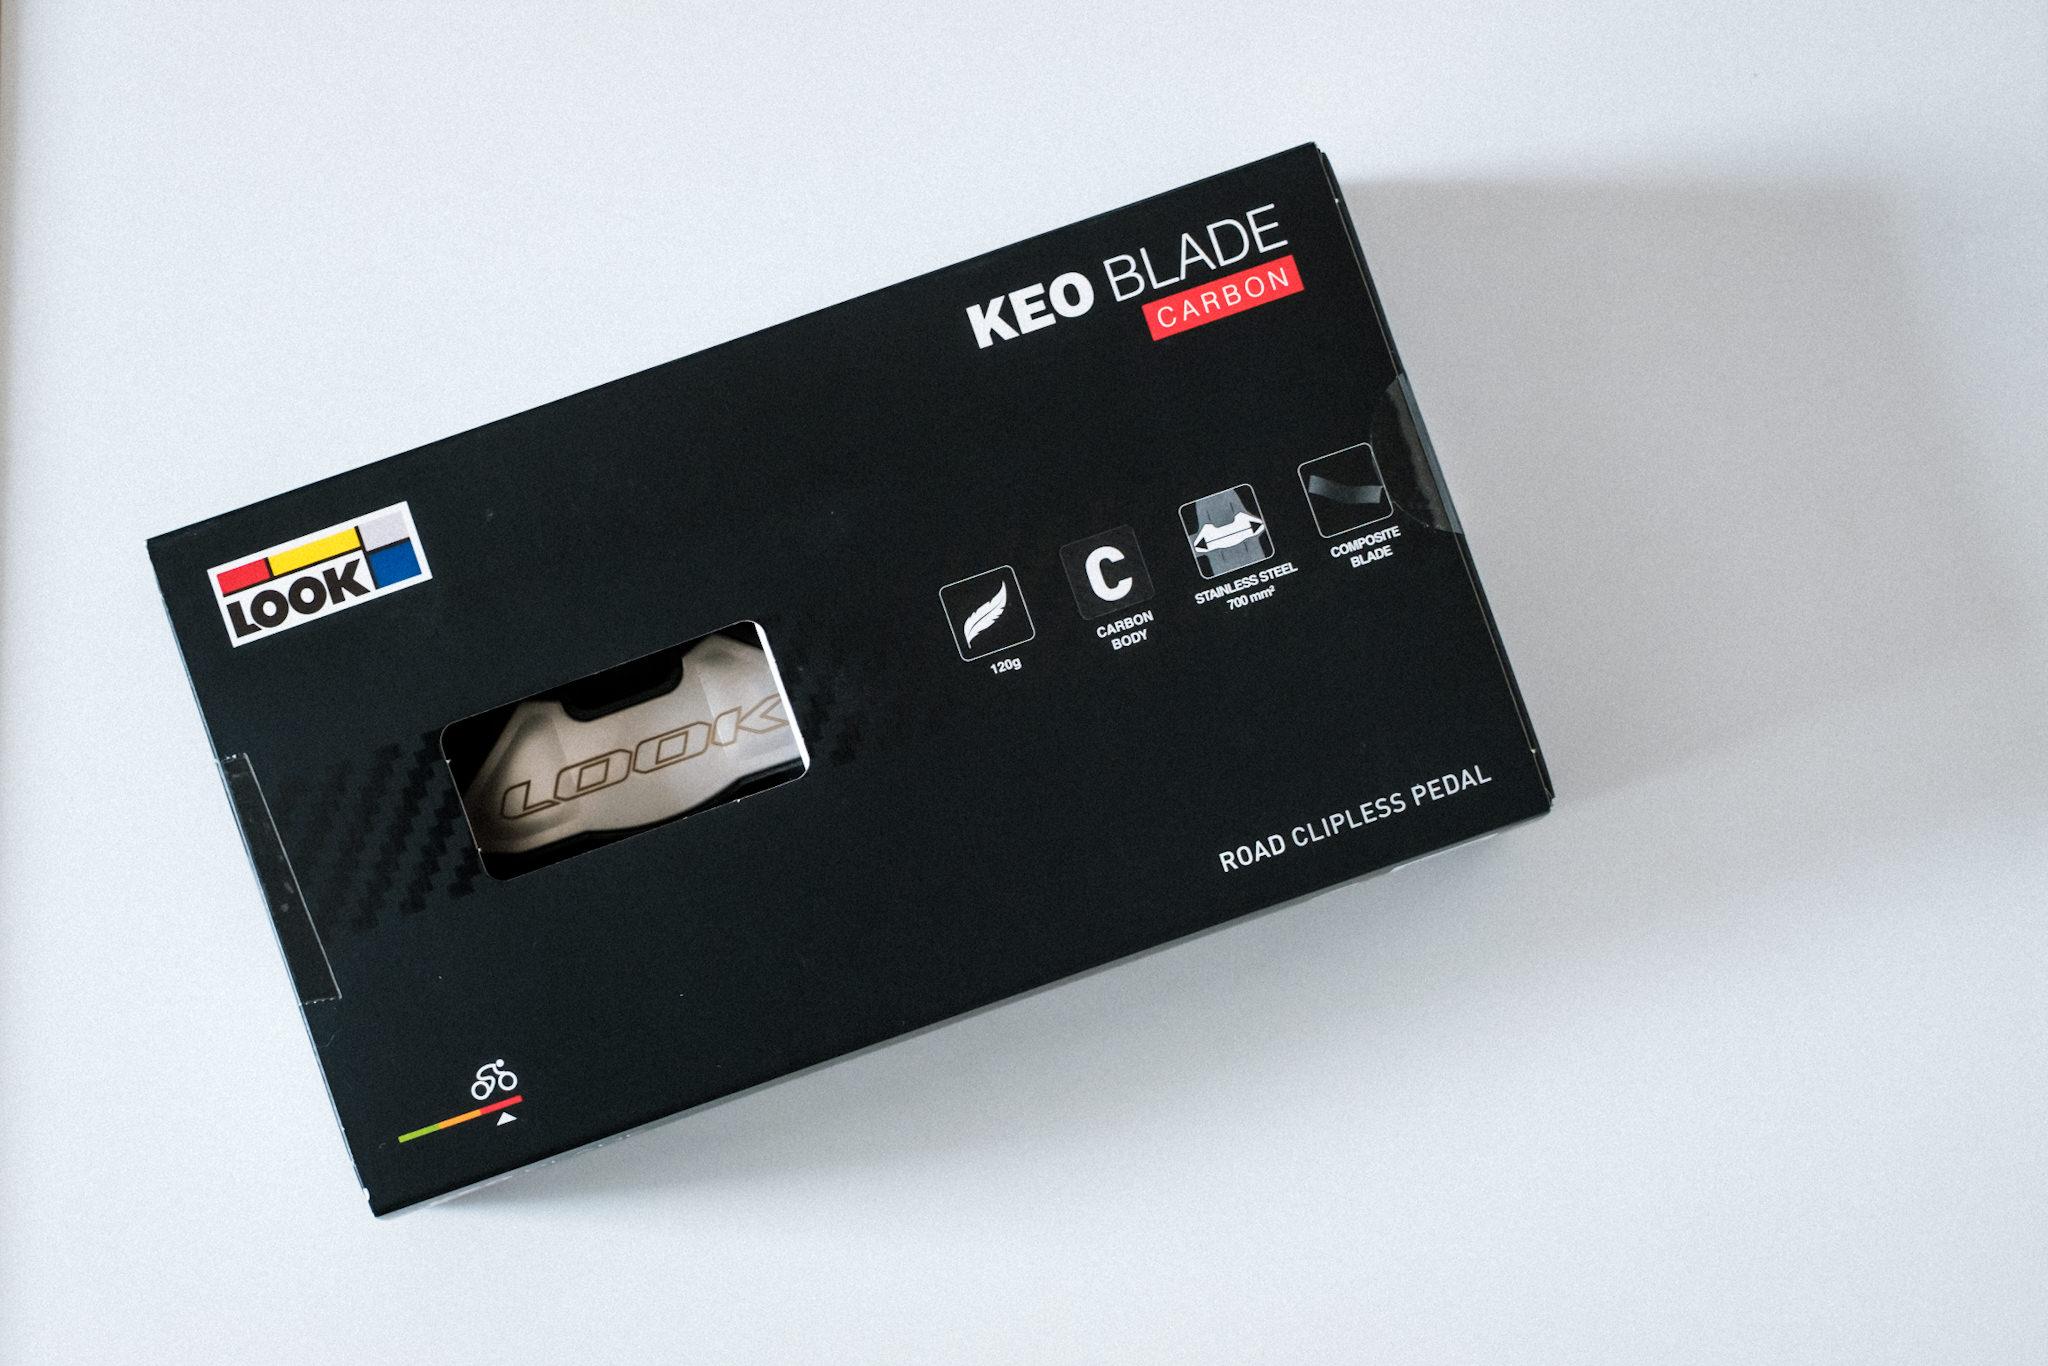 LOOK Keo Blade Carbon